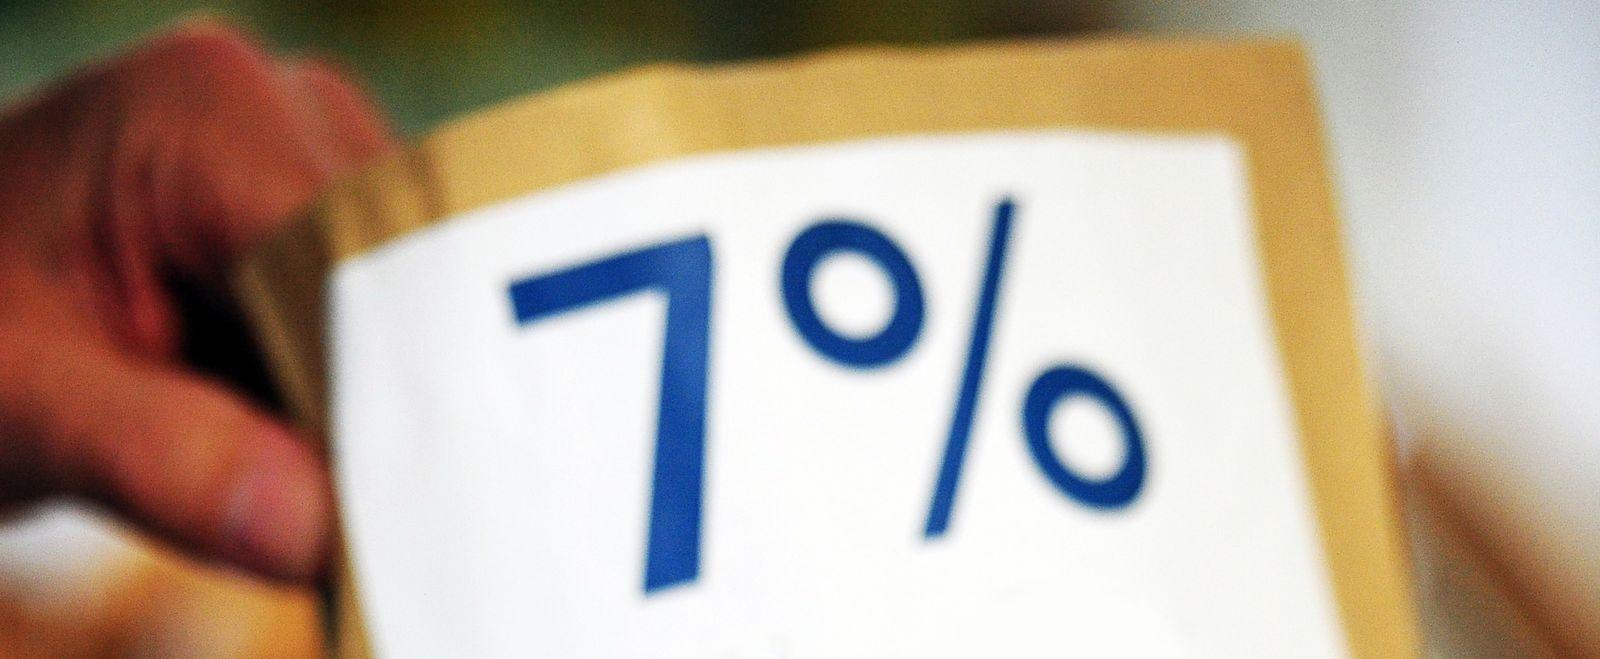 Magische Zahlen / Sieben / 7%